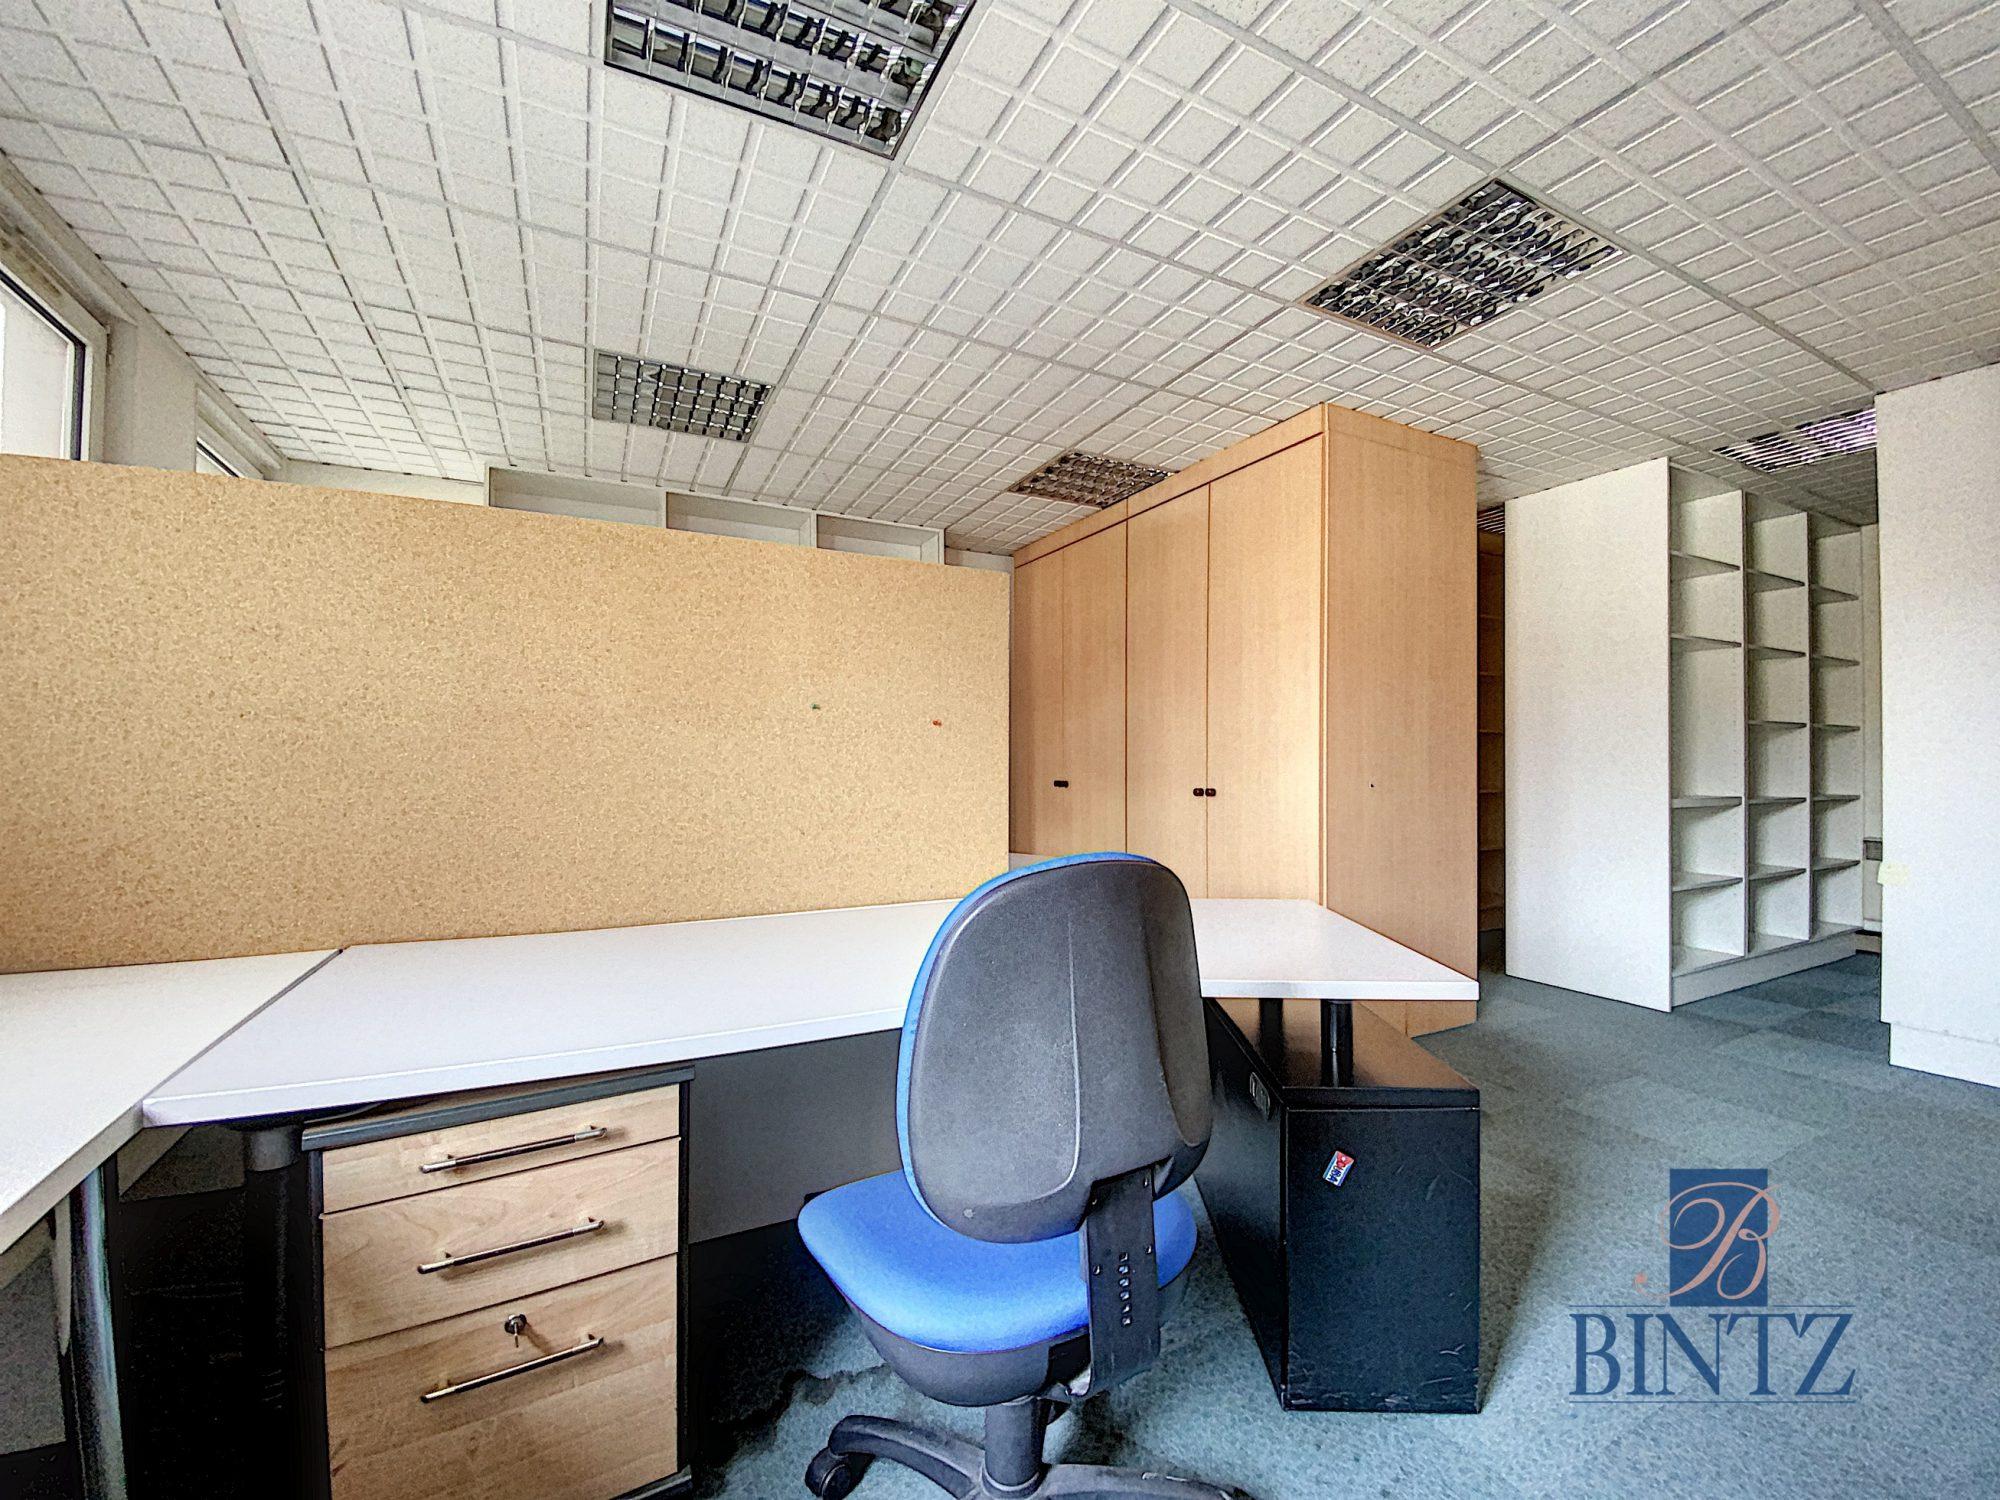 Bureaux à louer – 250m2 Quartier Fisher à Schiltigheim - Devenez locataire en toute sérénité - Bintz Immobilier - 14